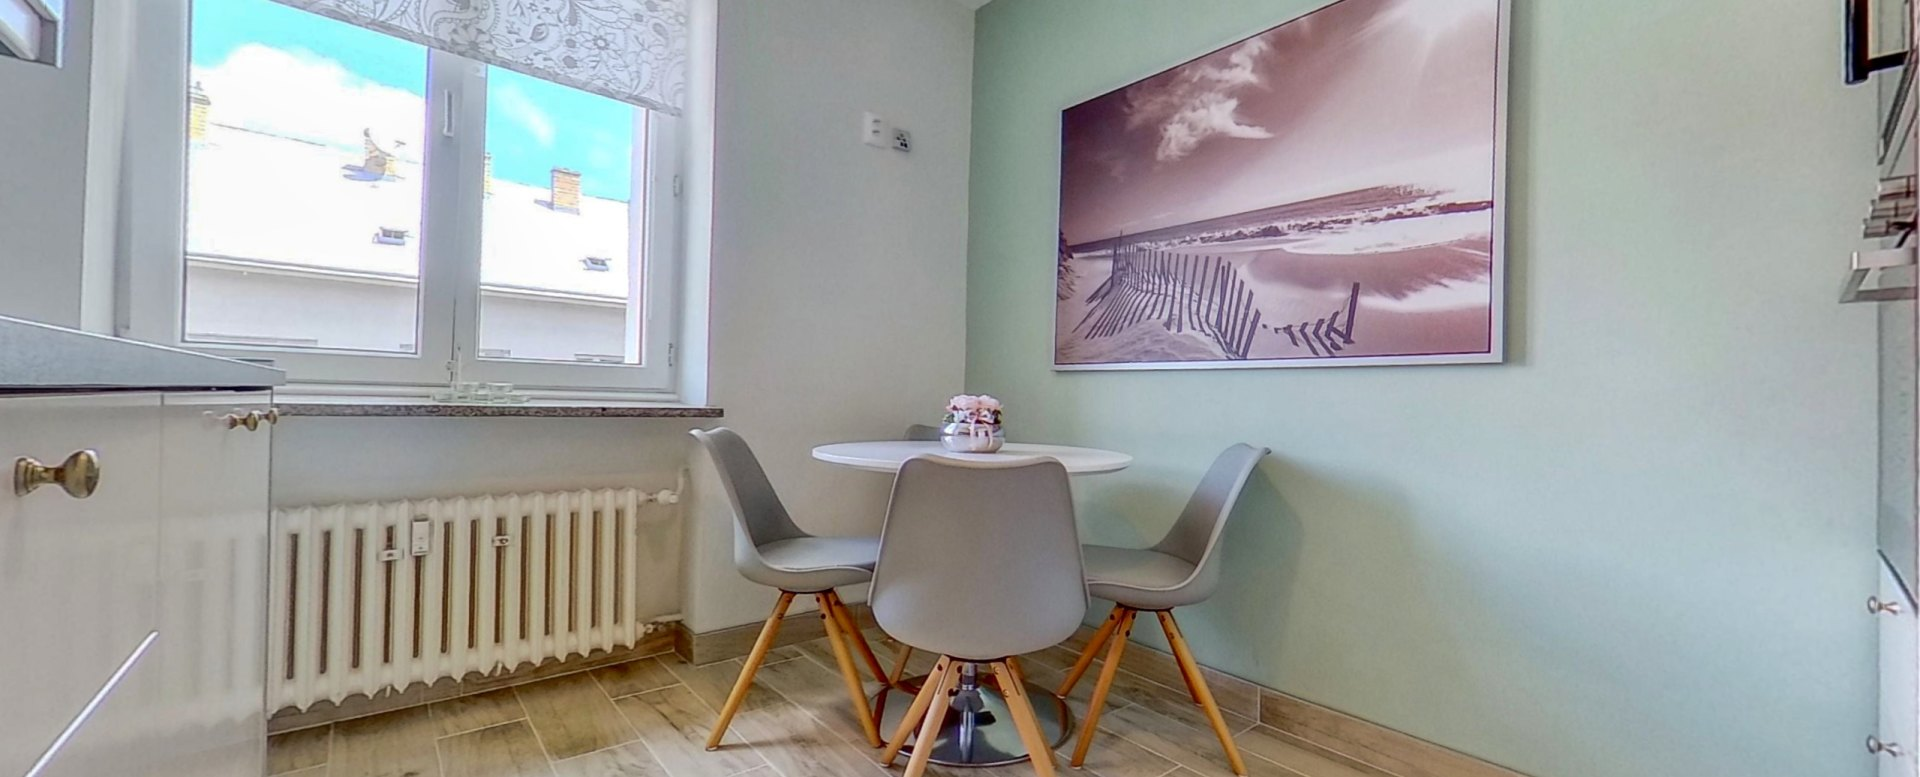 Pohľad na jedálenský stôl v kuchyni